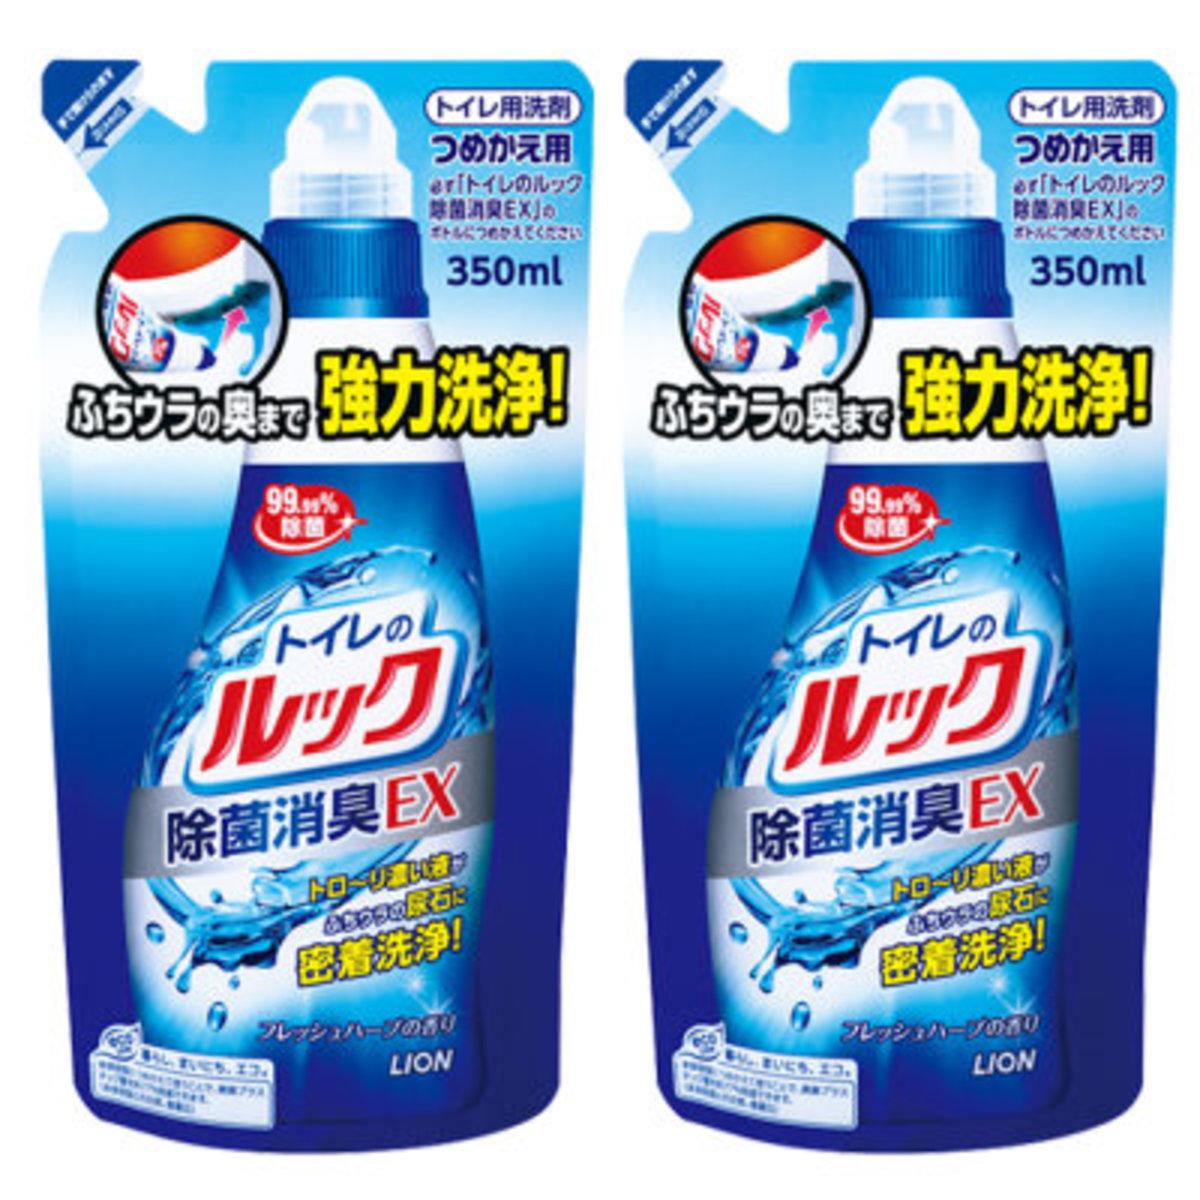 廁所除臭除菌EX清潔劑 350ml x 2 (補充裝)